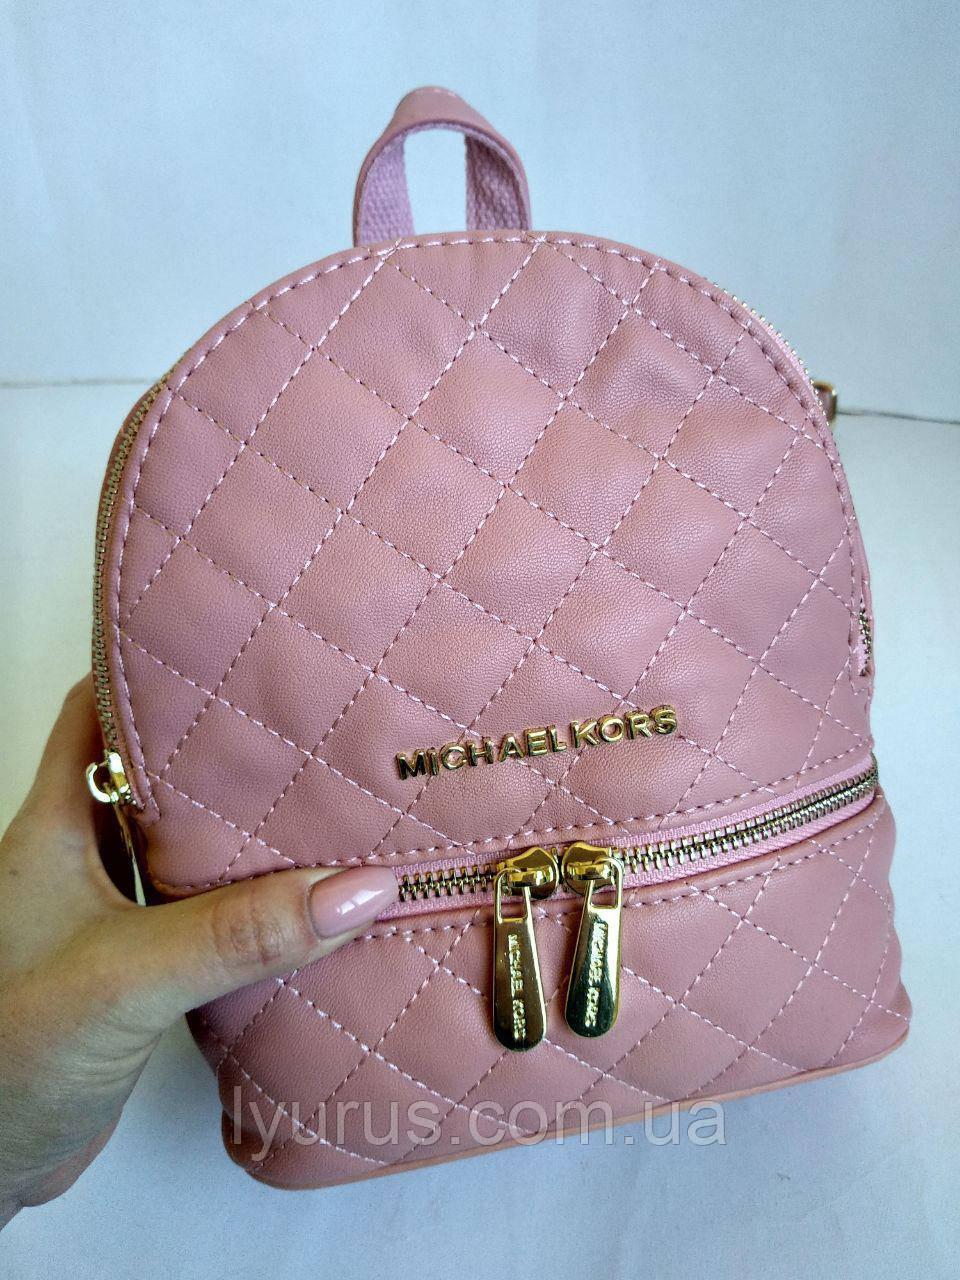 Женский мини рюкзак Michael Kors розового цвета